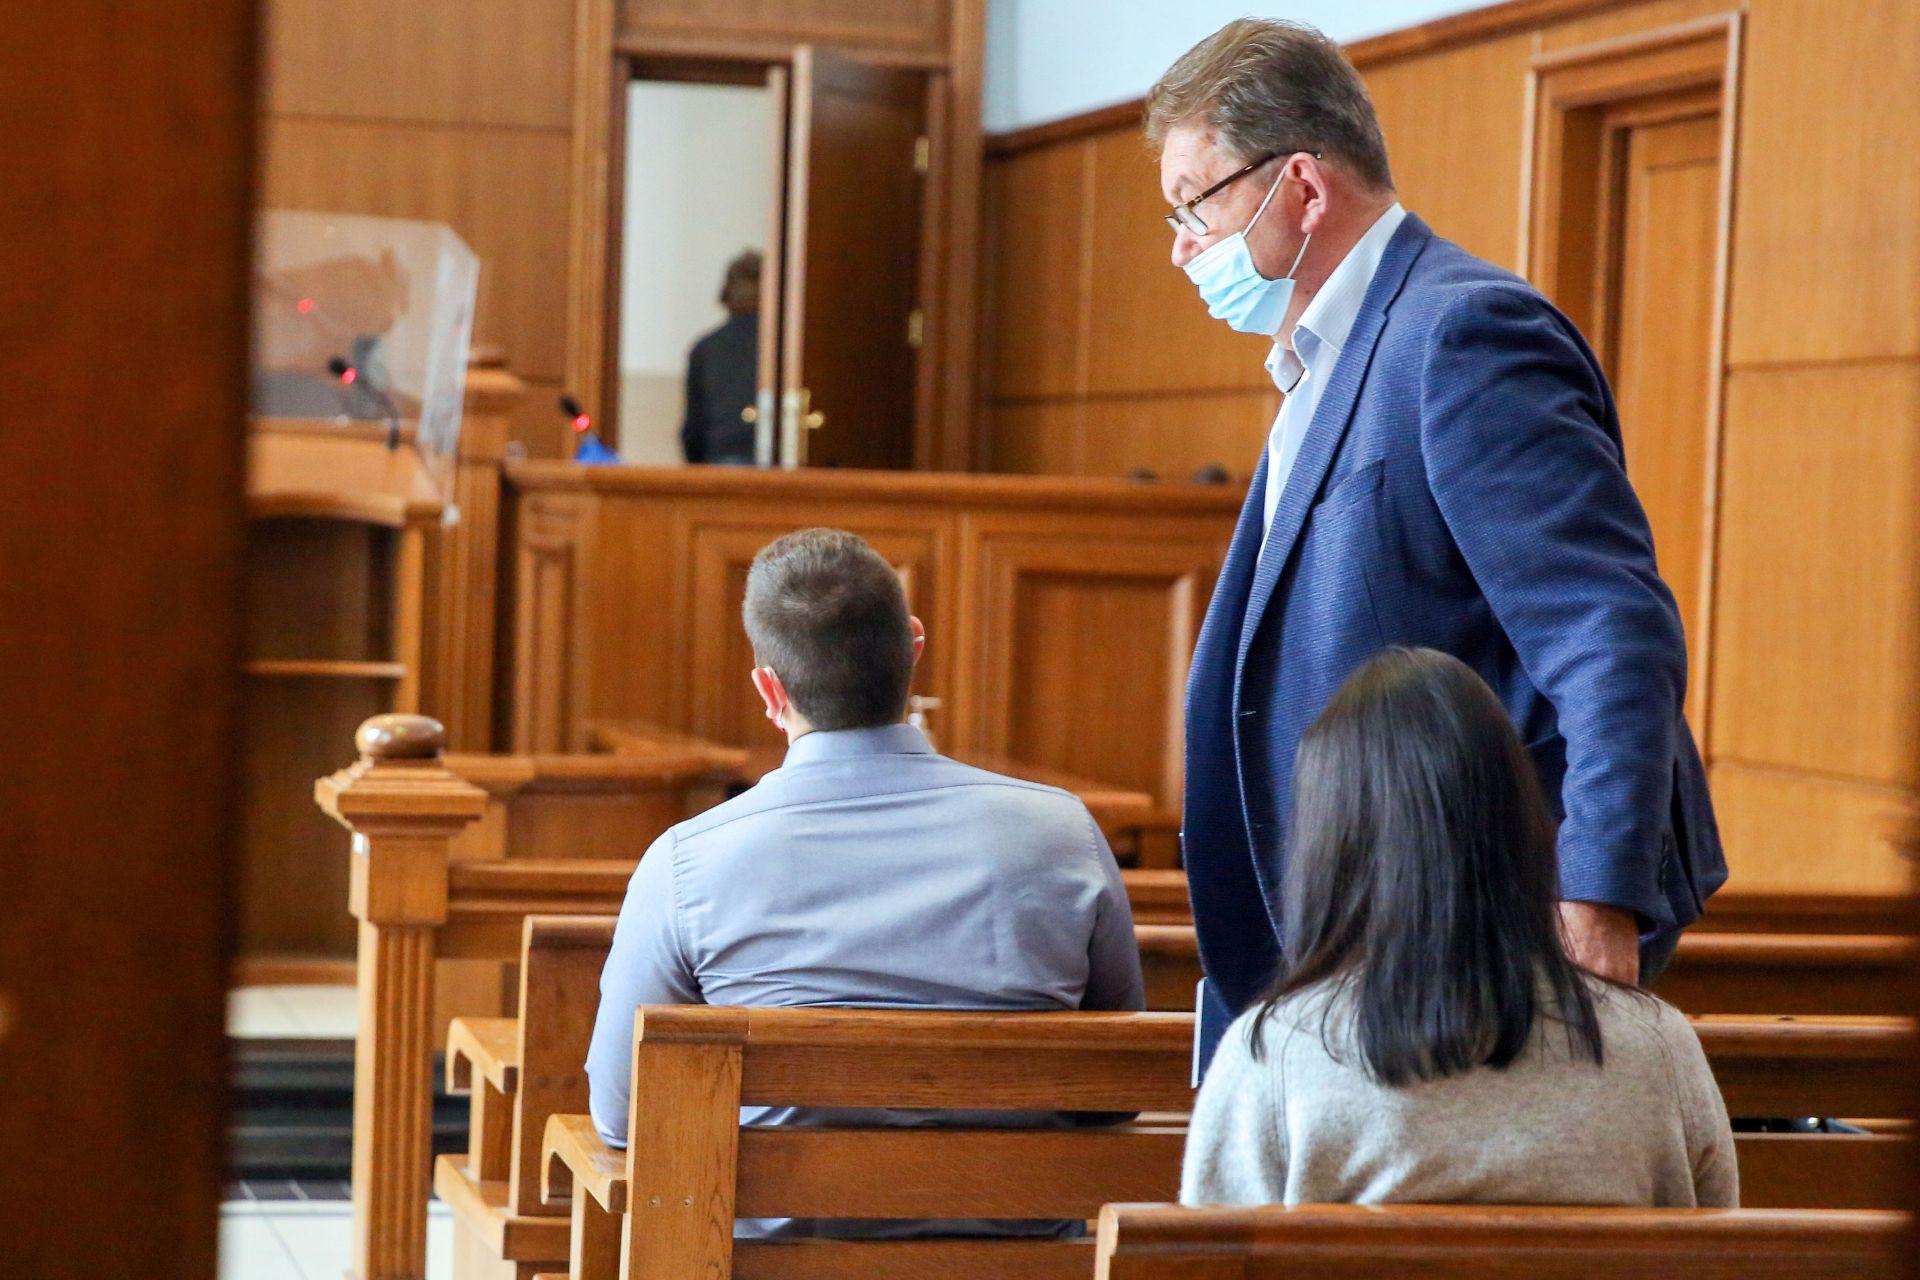 Подсъдимият с адвокат Симеонов в съдебната зала